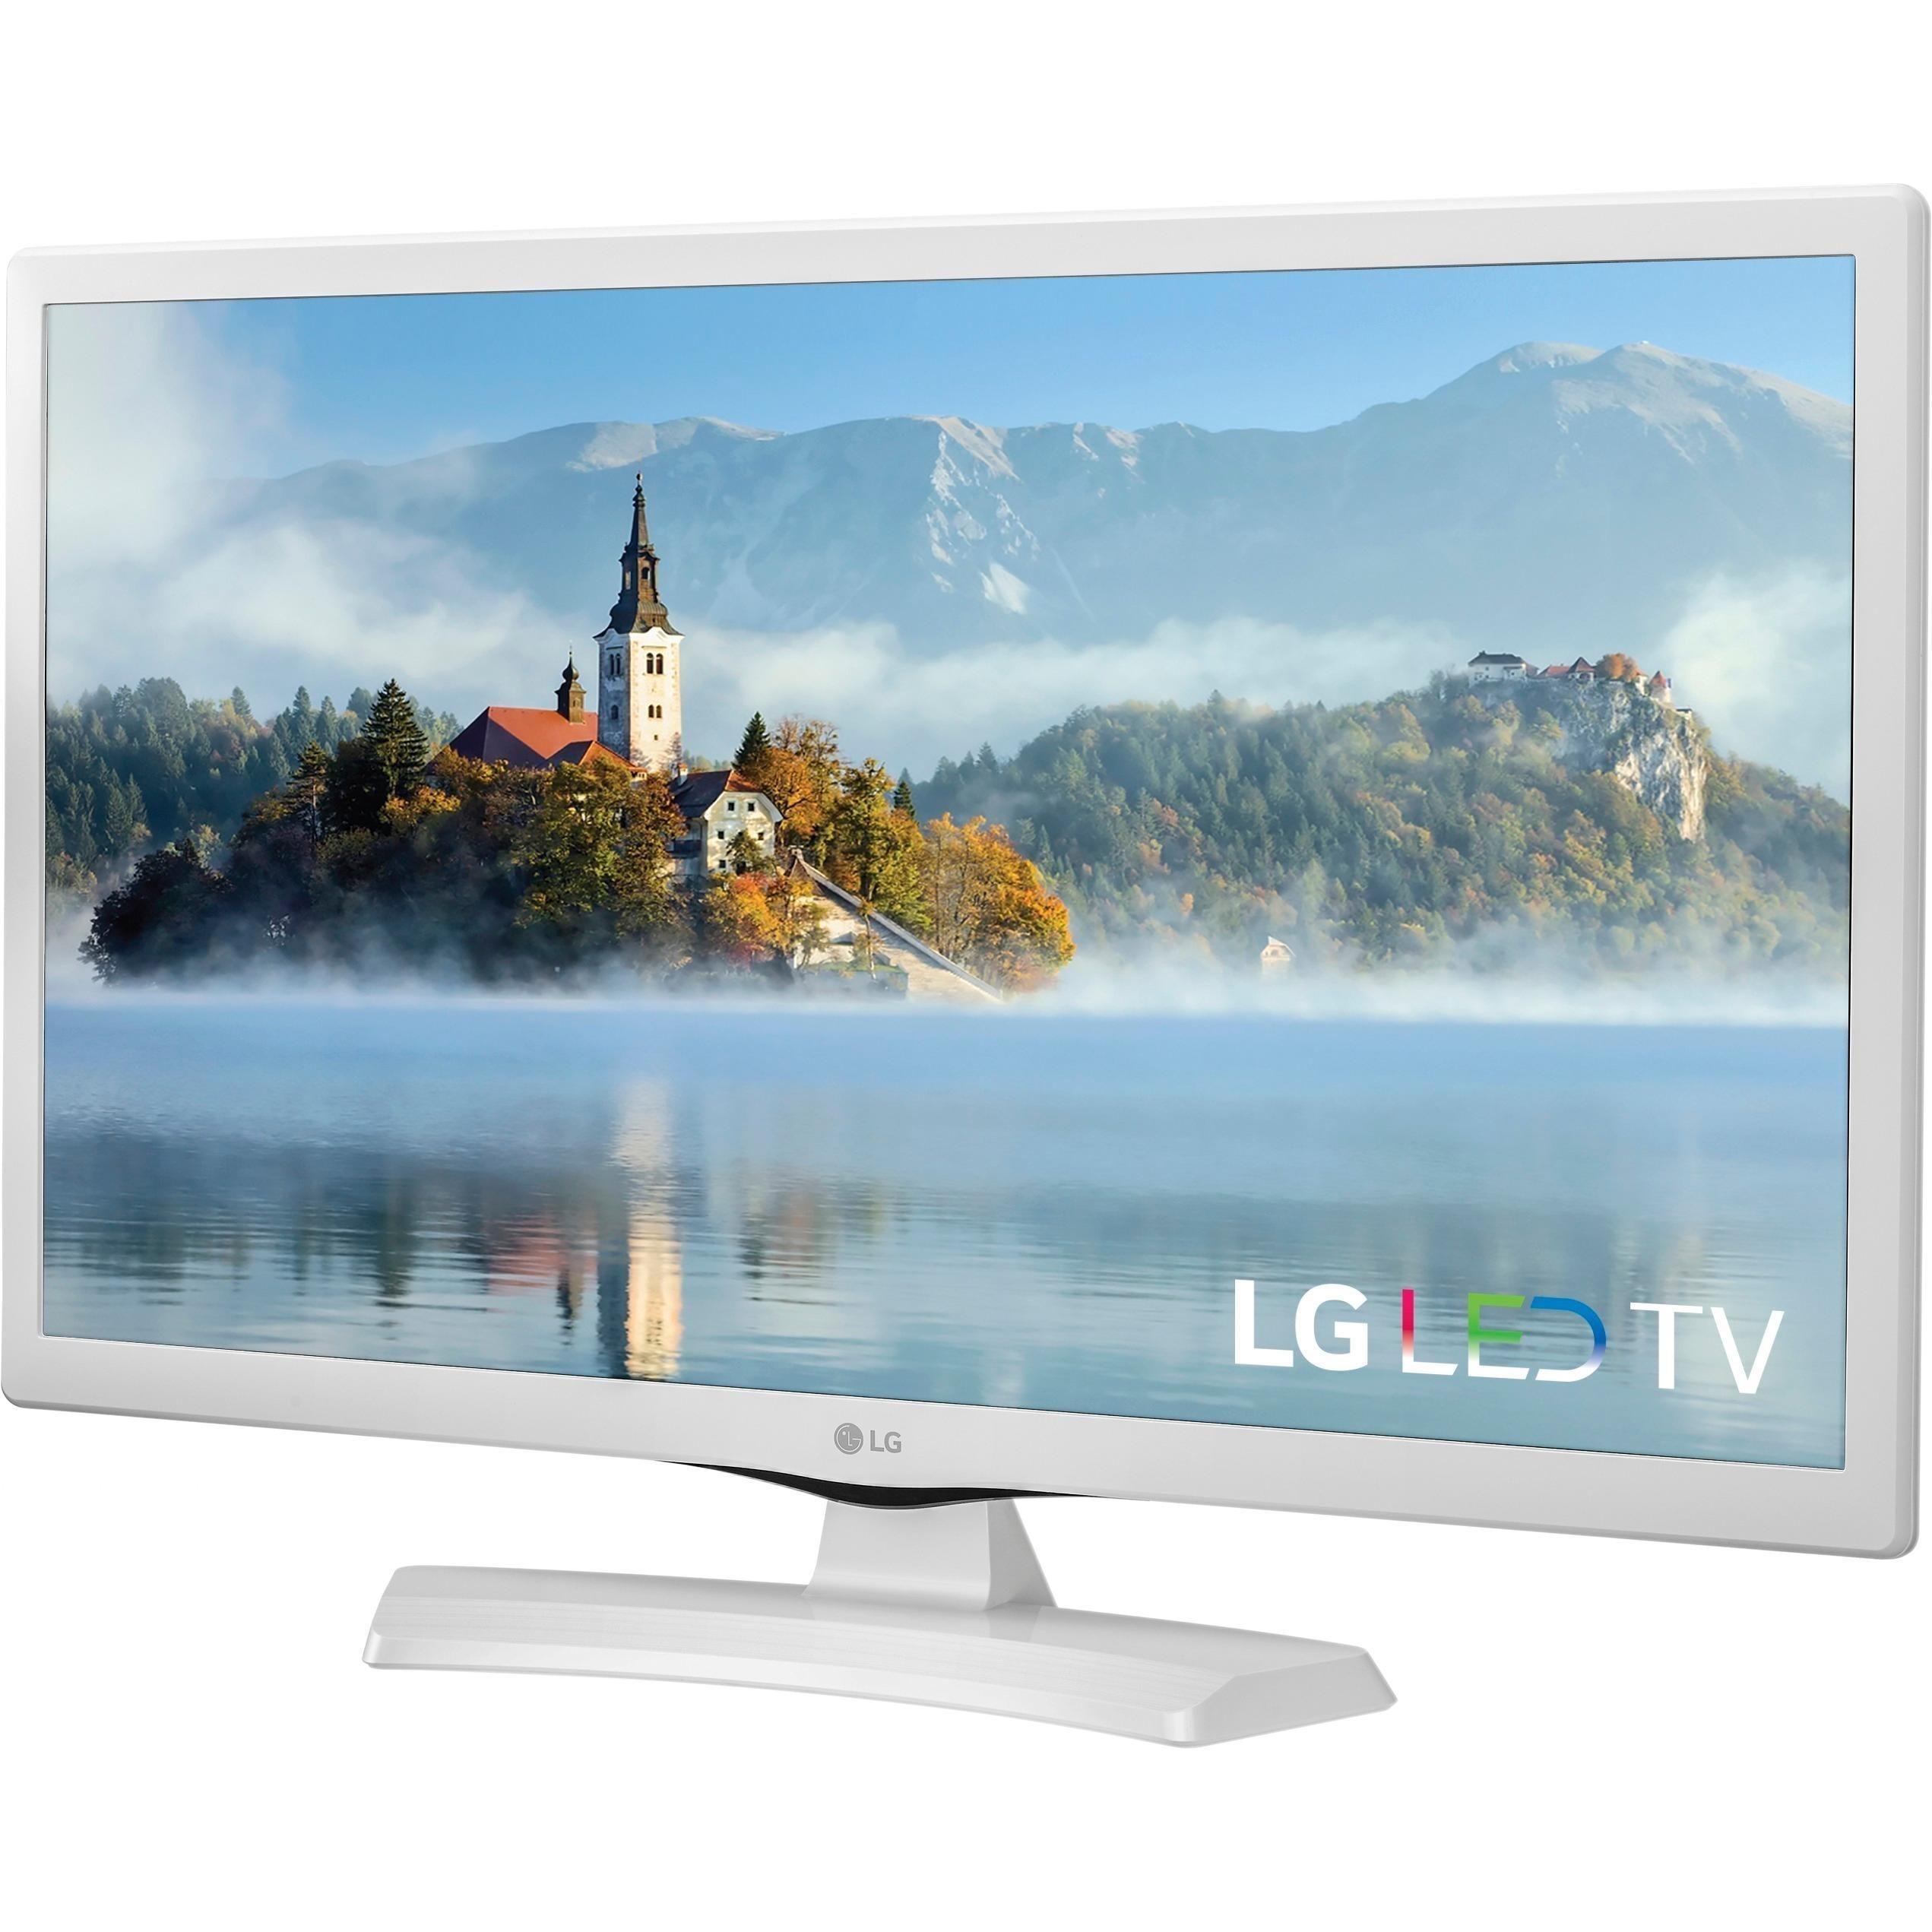 Smart Tv Led Hd 24 Lg 24lj4840 Wu A Refurbished In 2020 Lcd